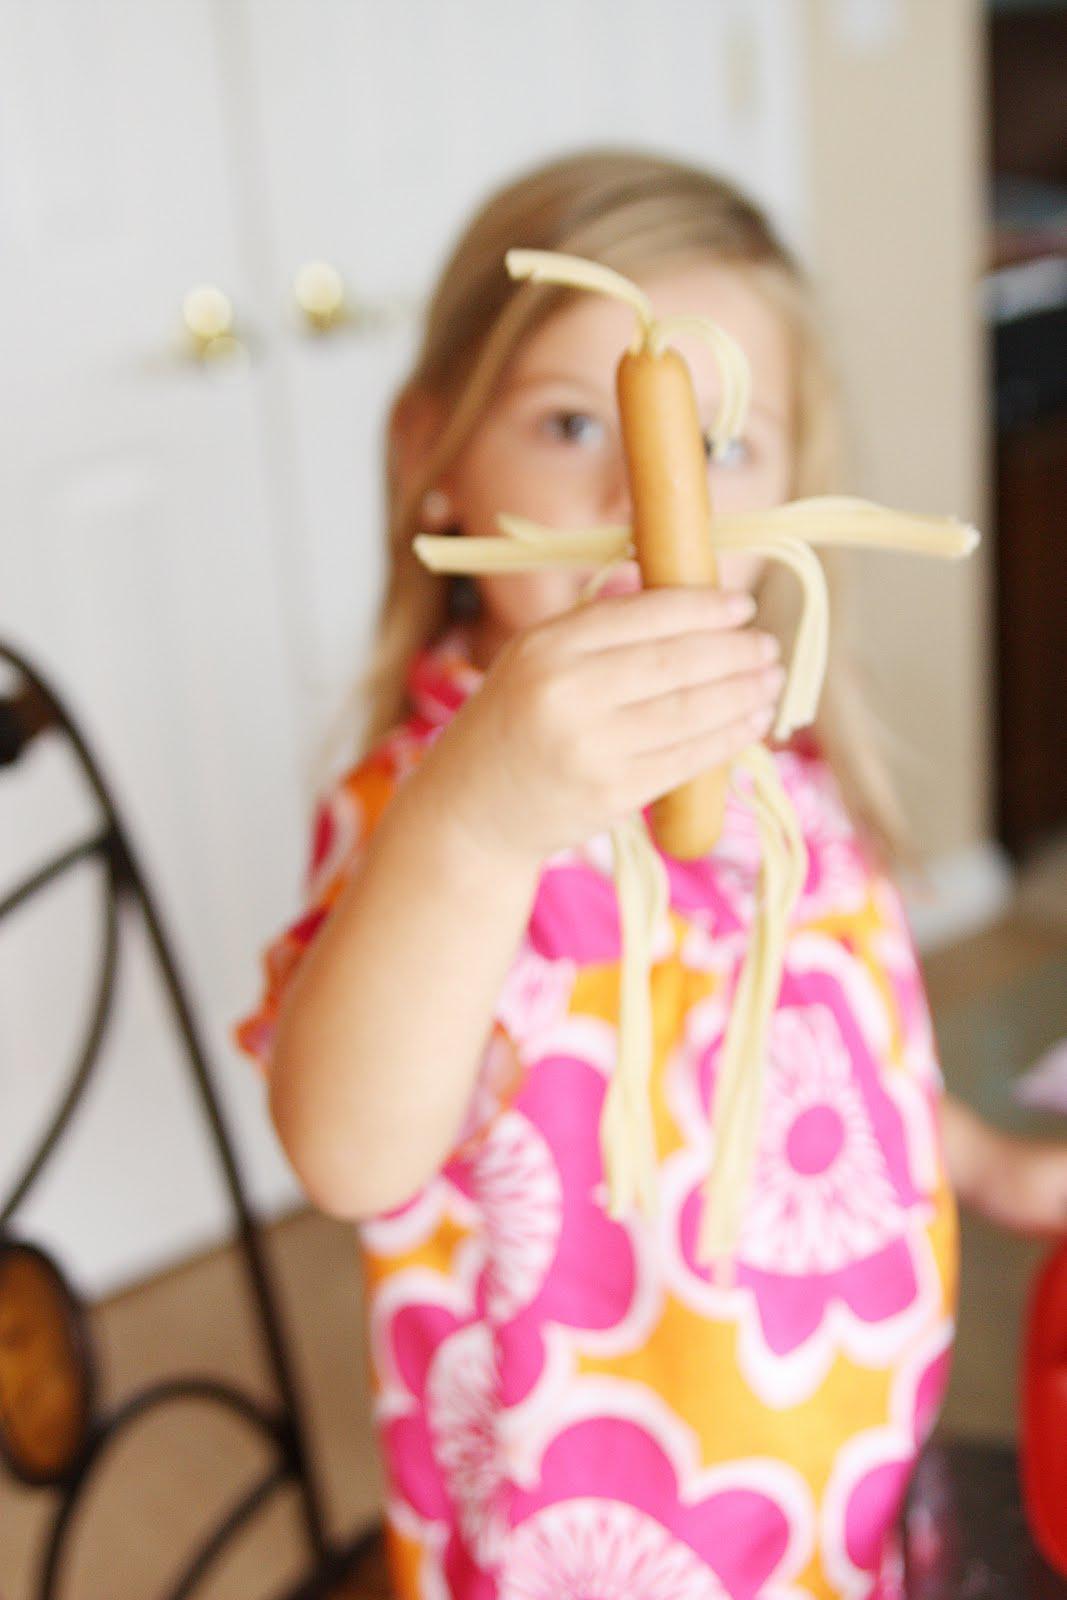 to noodle weenies noodle weenies a fun way of weenie bread weenies ...